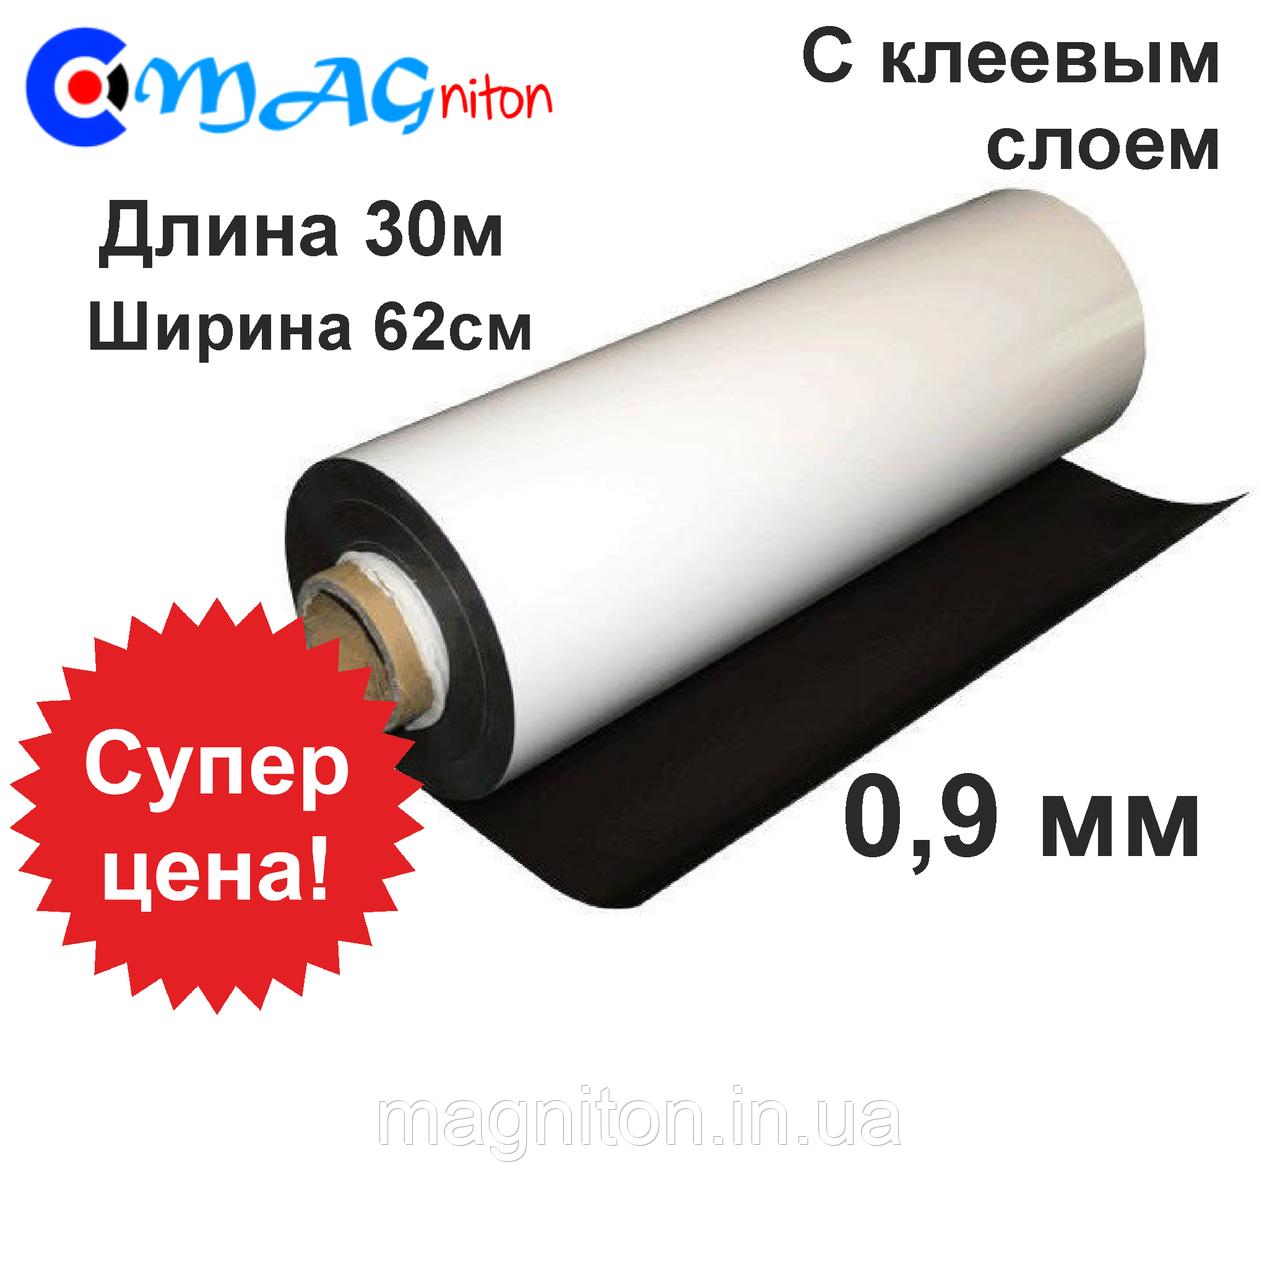 Магнитный винил в рулонах с клеевым слоем 0,9мм 30м